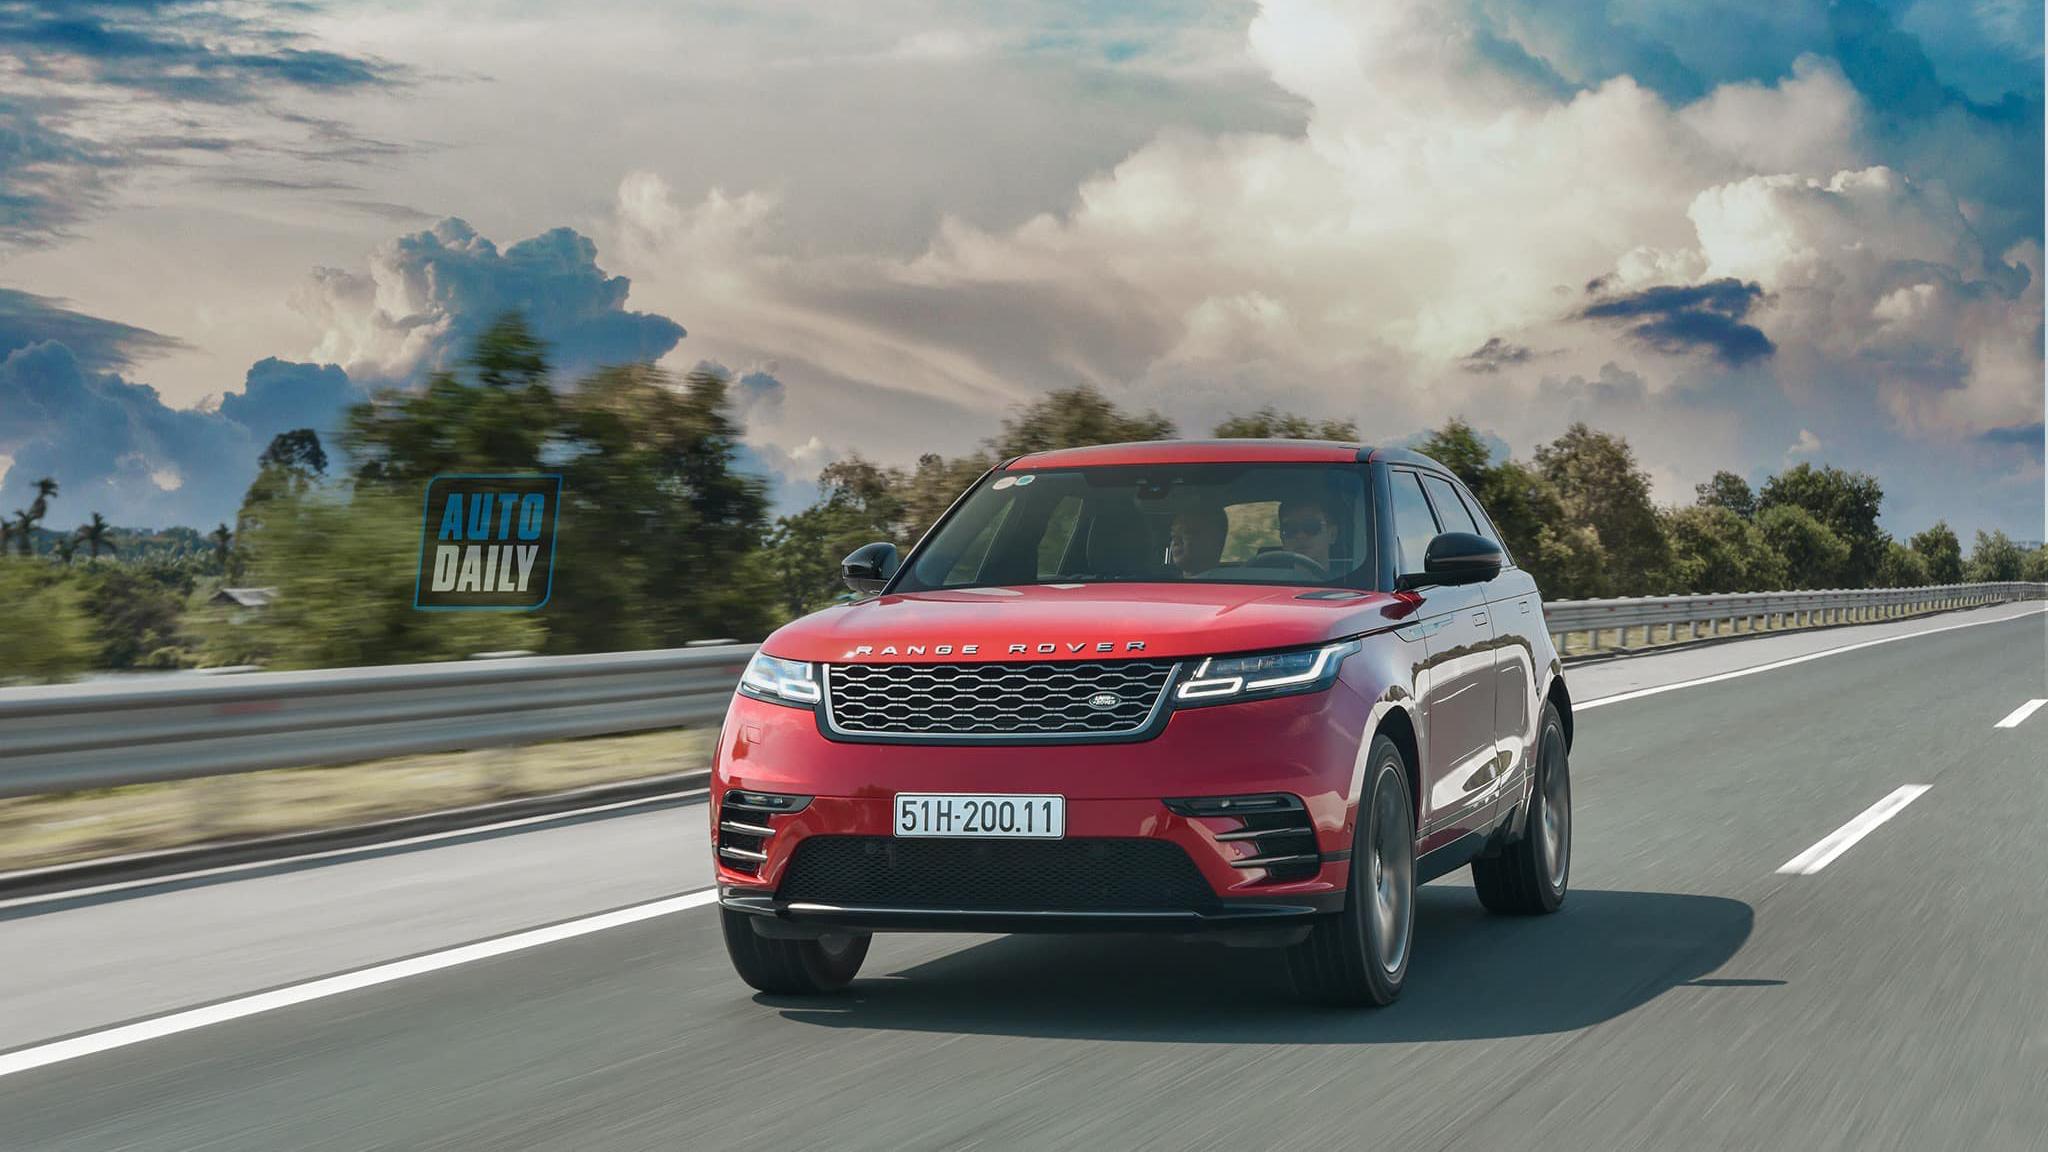 Đánh giá ưu nhược điểm Range Rover Velar 2020 - Giá 5,4 tỷ có hơn BMW X5, Mercedes GLE?